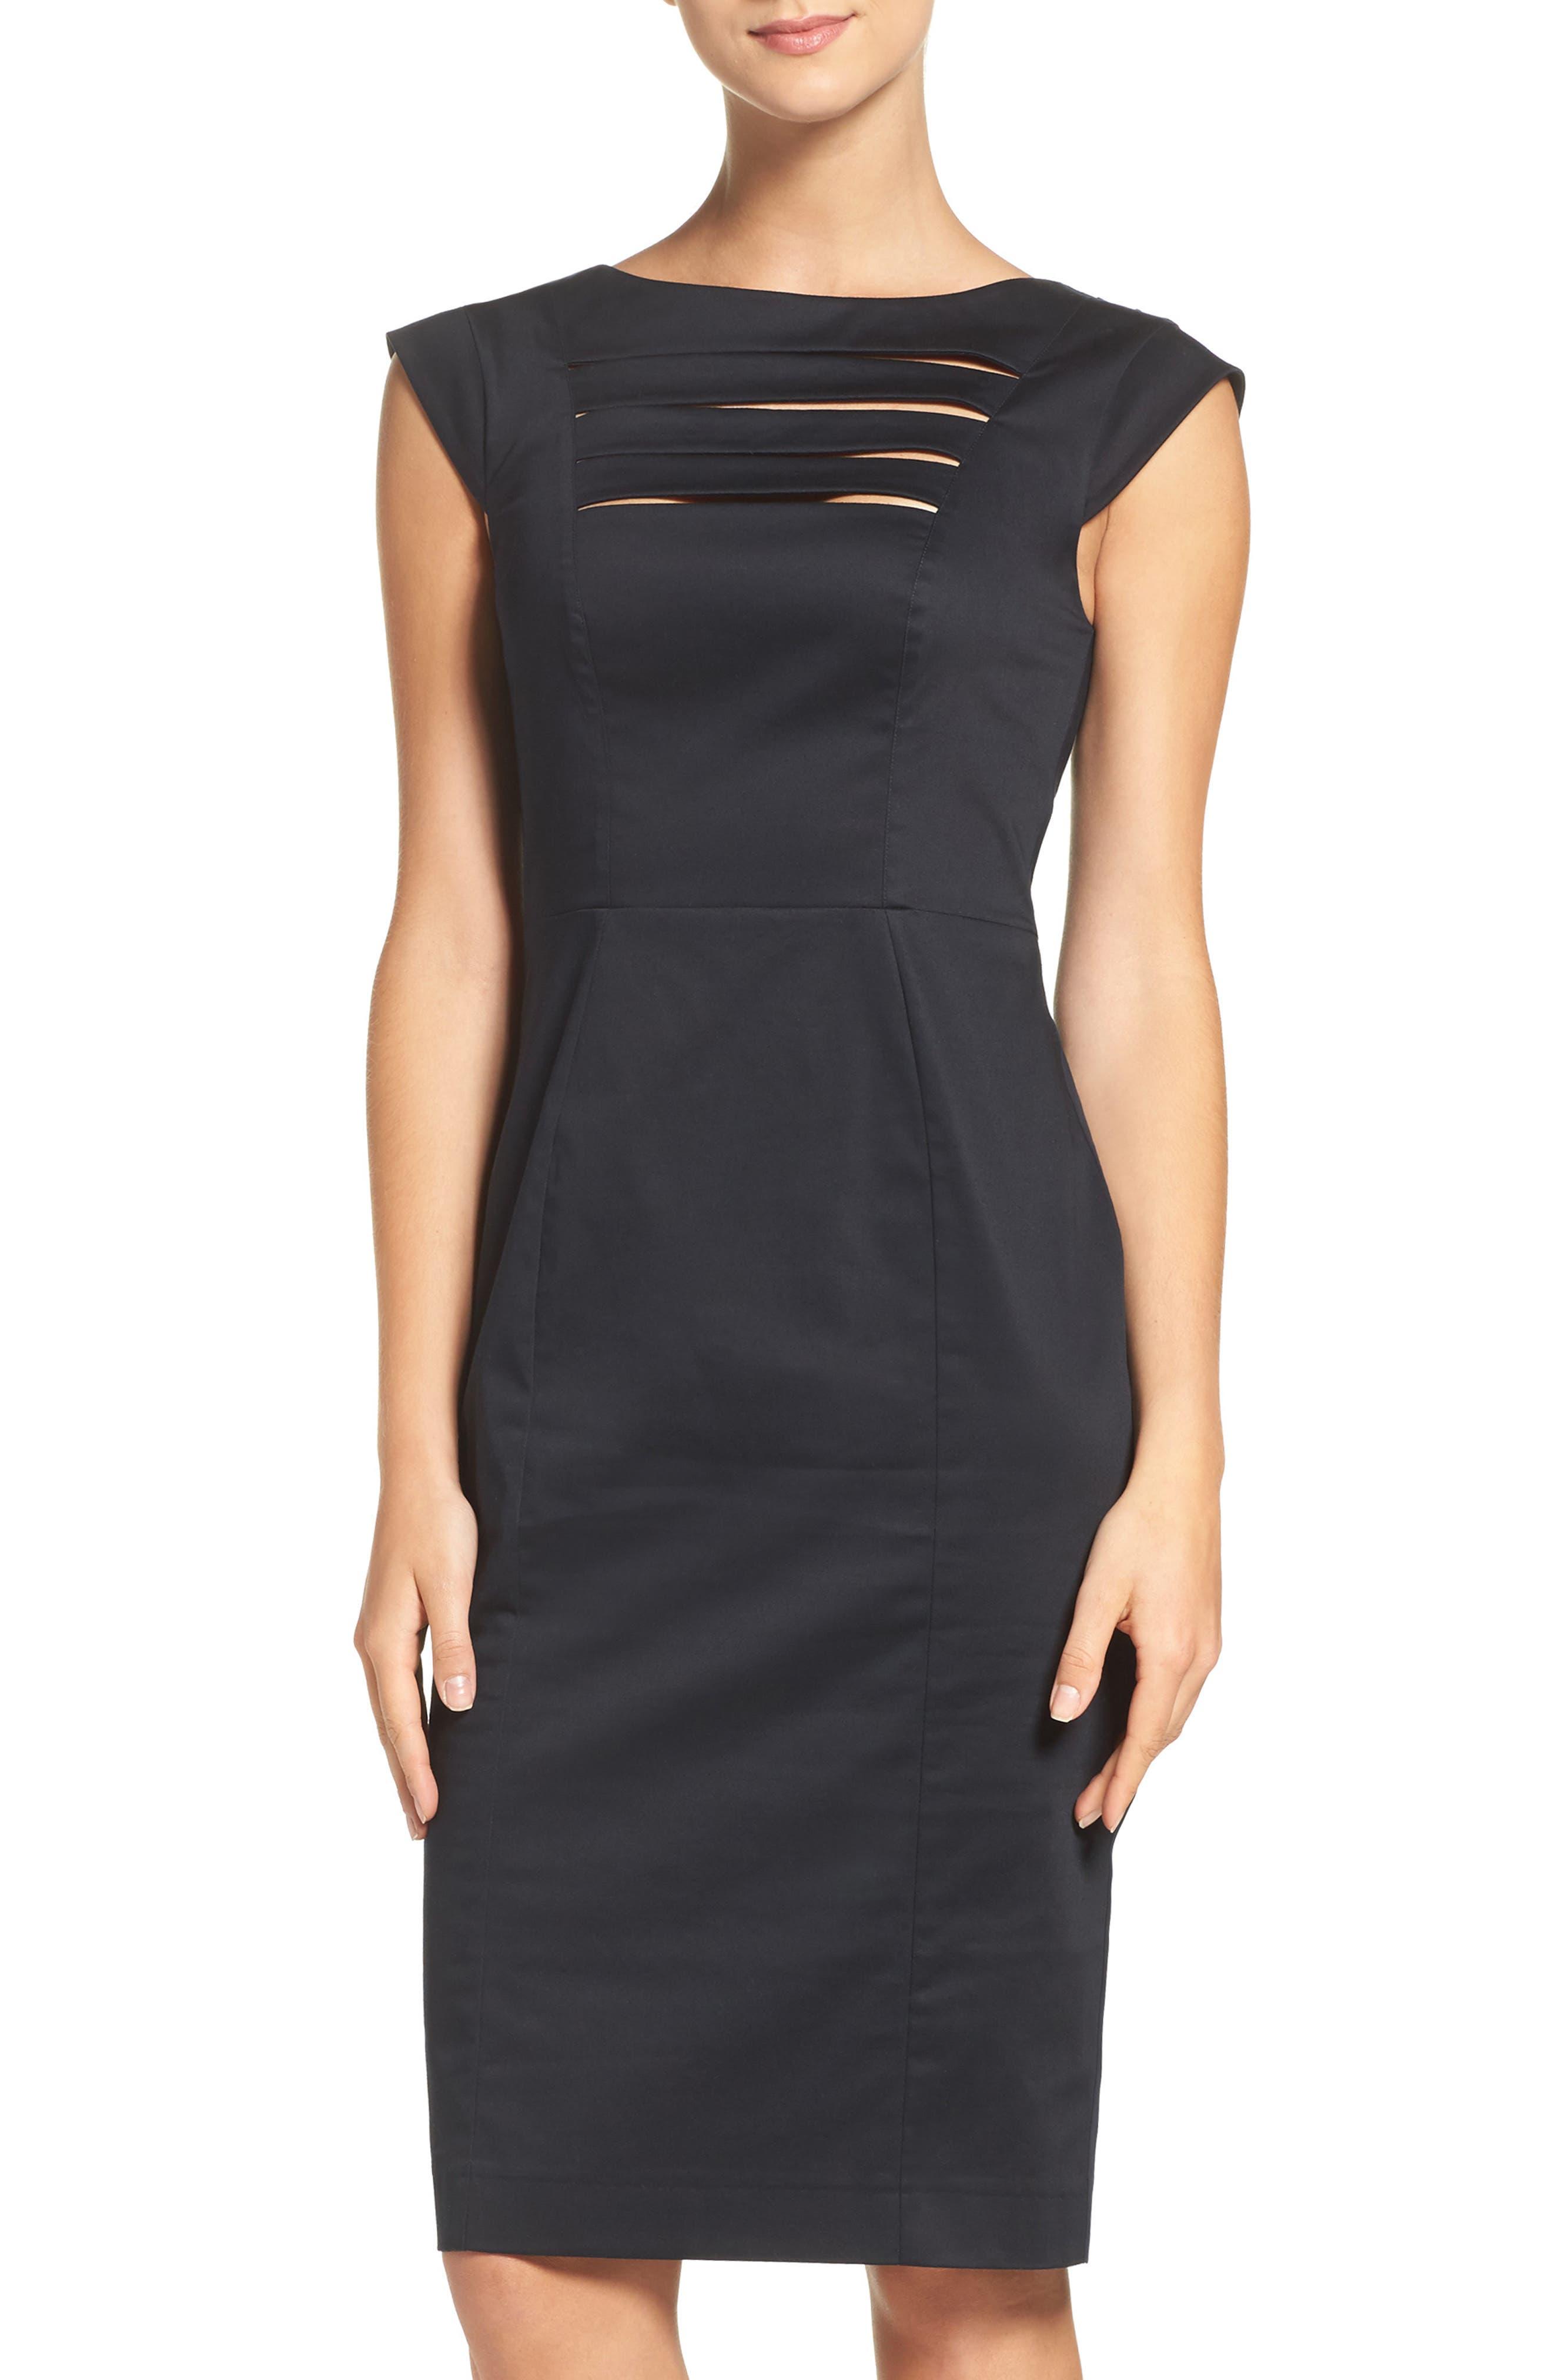 'Estelle' Cutout Cotton Blend Sheath Dress,                             Main thumbnail 1, color,                             Black/ Black